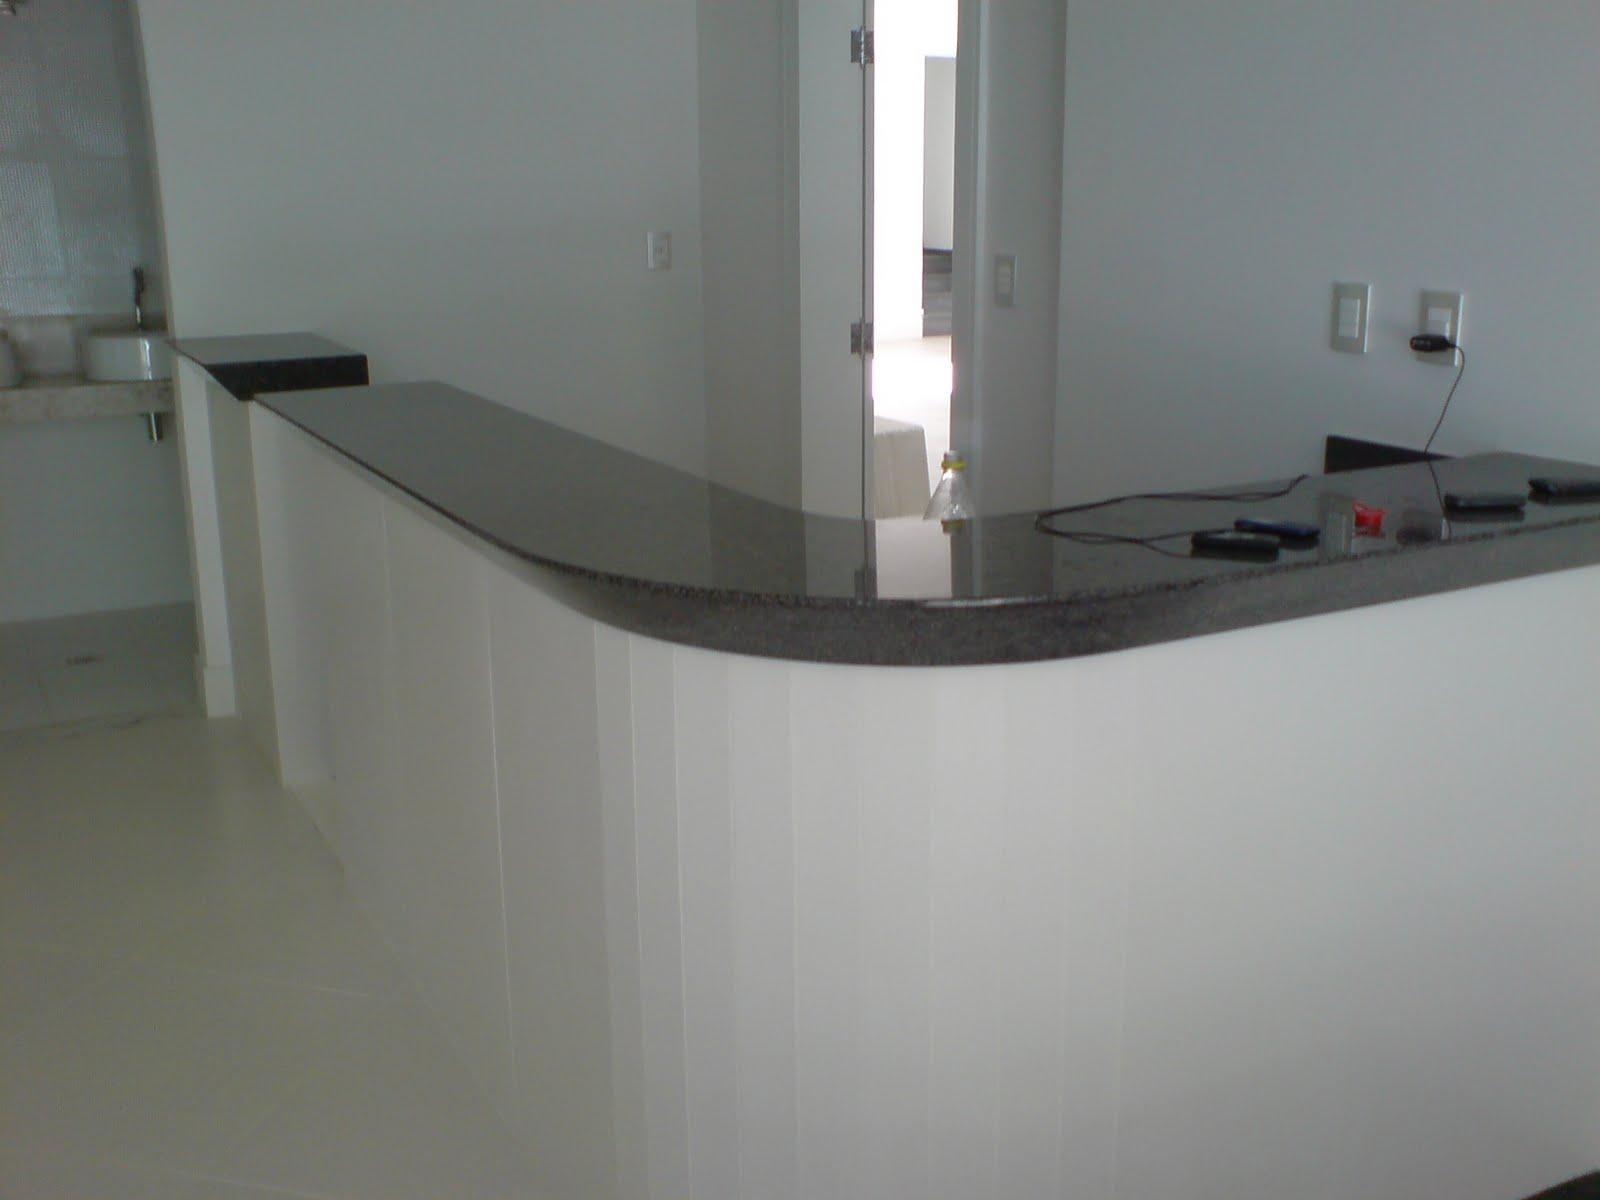 #5B5D51 Ângulo Mármores e Granitos: Balcão em Granito Verde Ubatuba  1600x1200 px Balcão De Alvenaria Para Cozinha Americana #2327 imagens